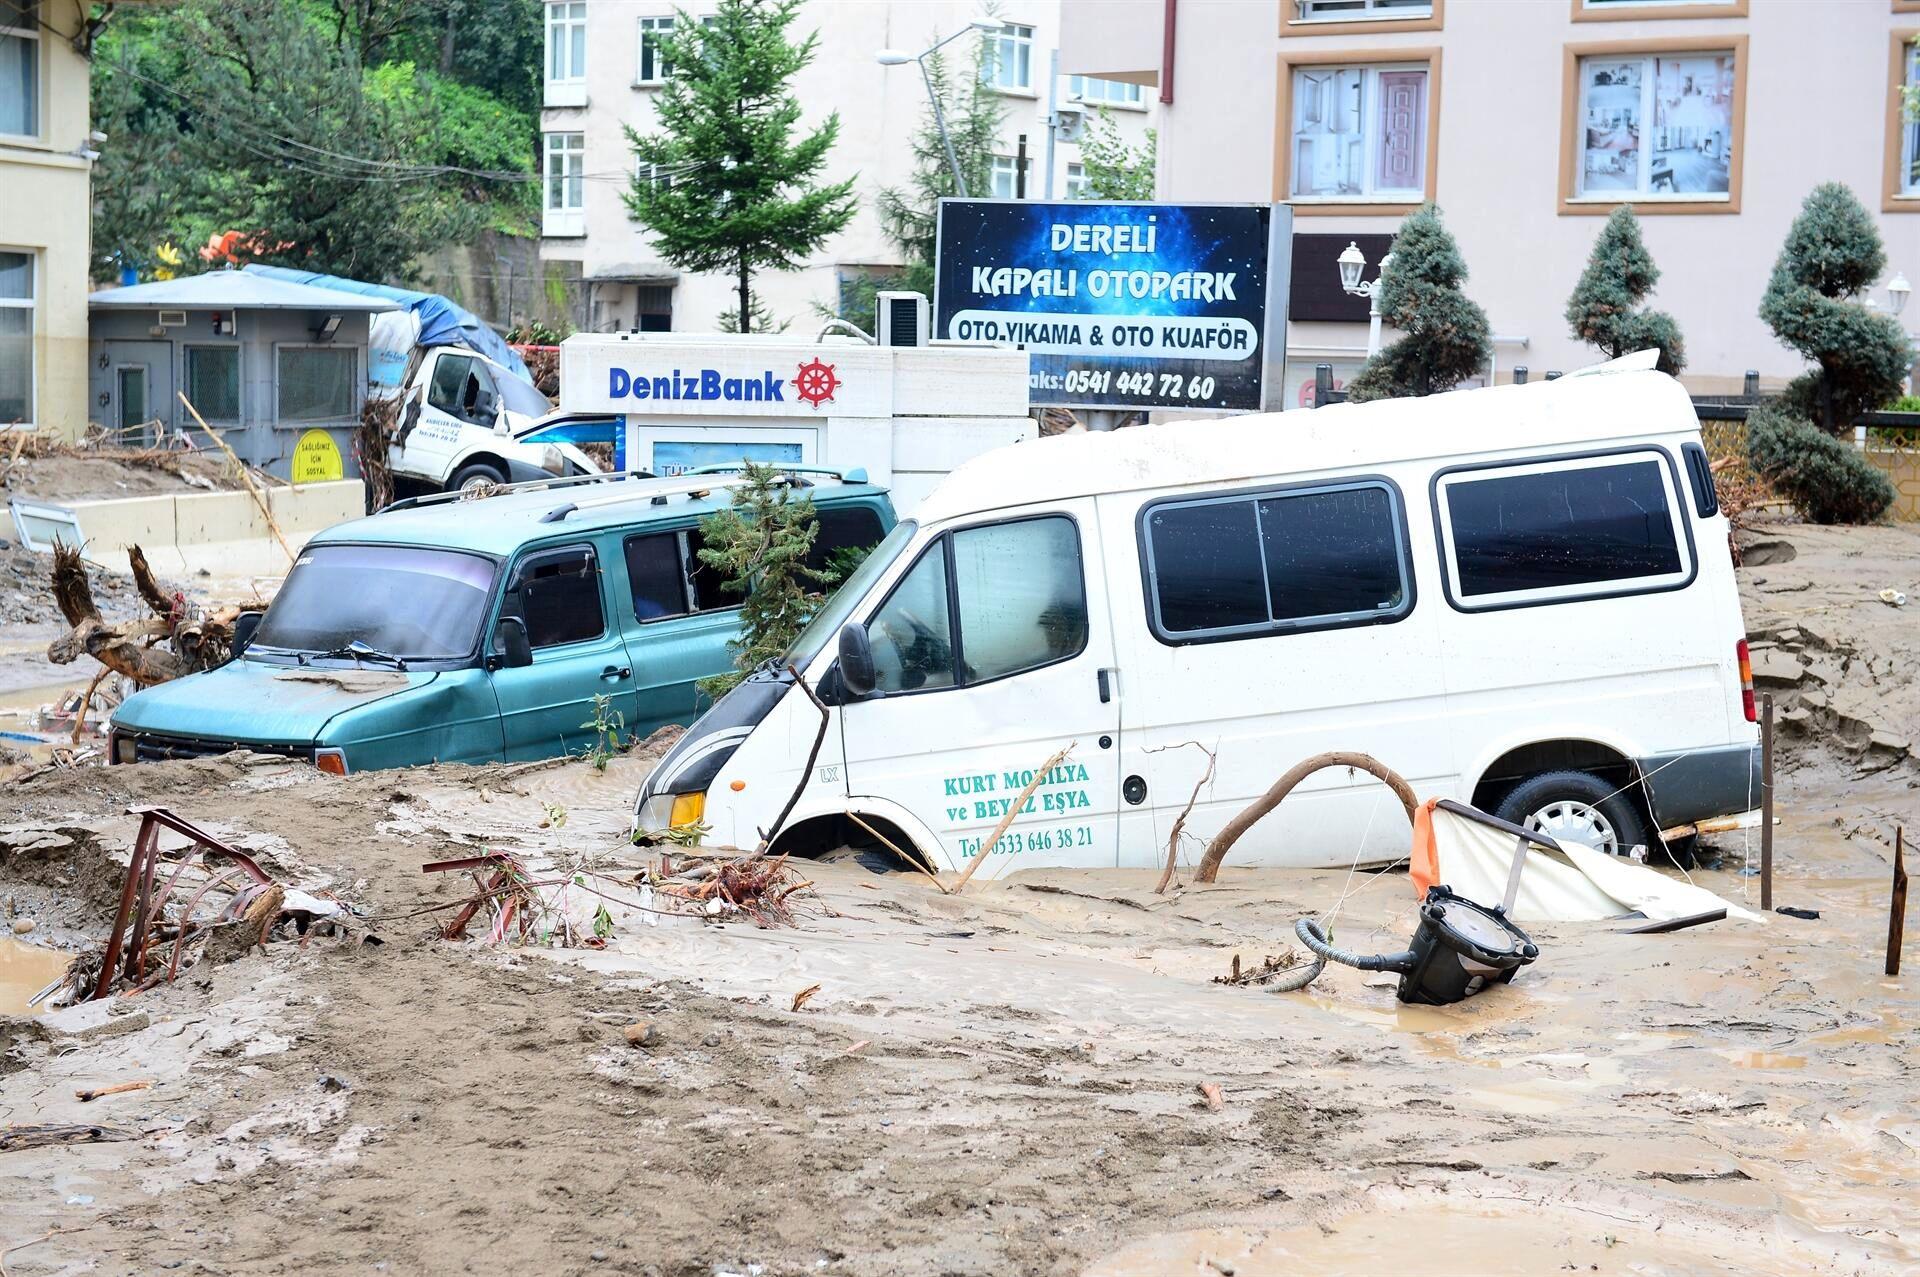 مفقود و کشتهشدن شهروندان ترکیه در پی وقوع سیل+ تصاویر